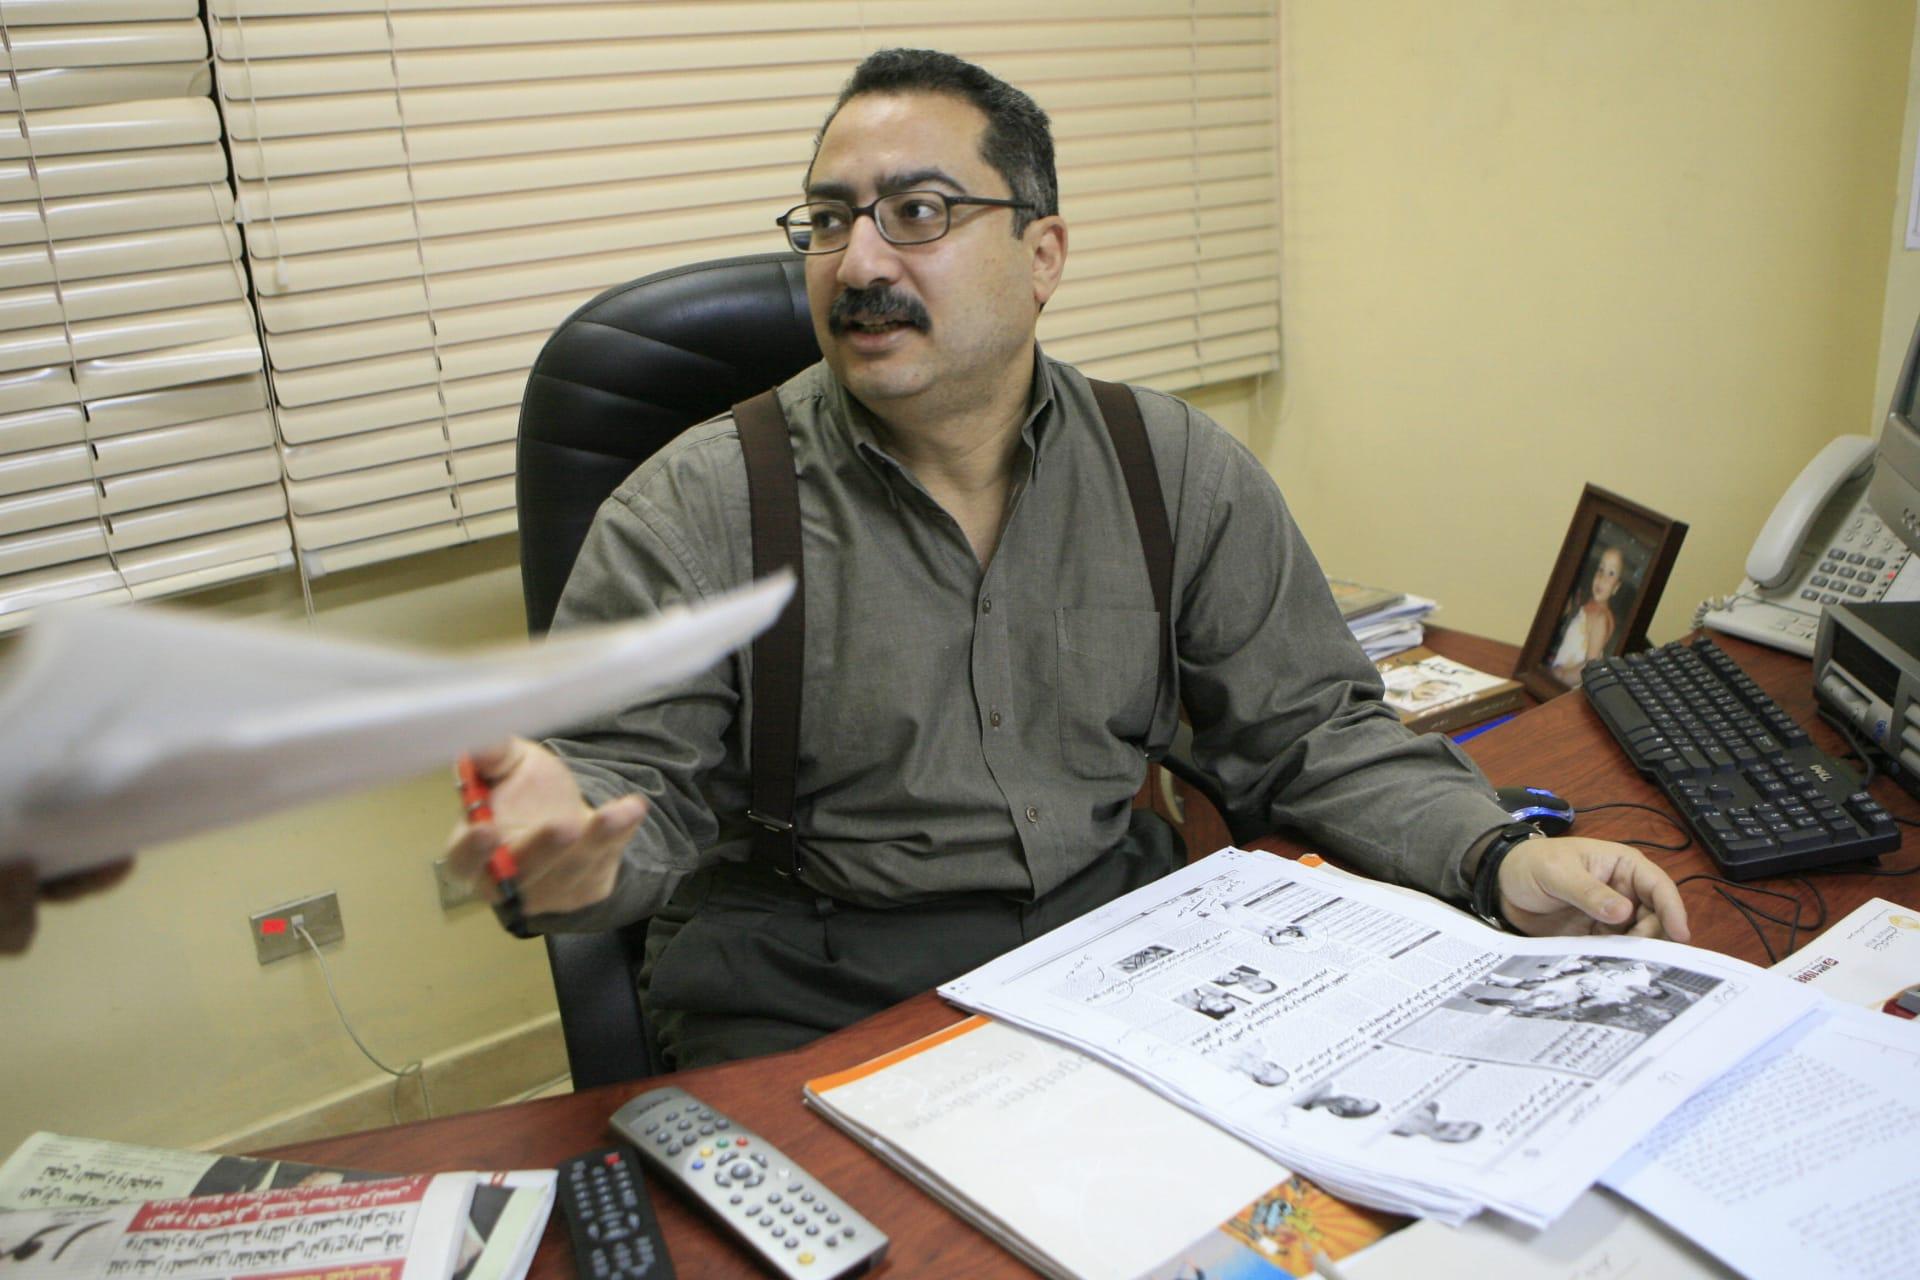 الكاتب الصحفي والإعلامي المصري إبراهيم عيسى